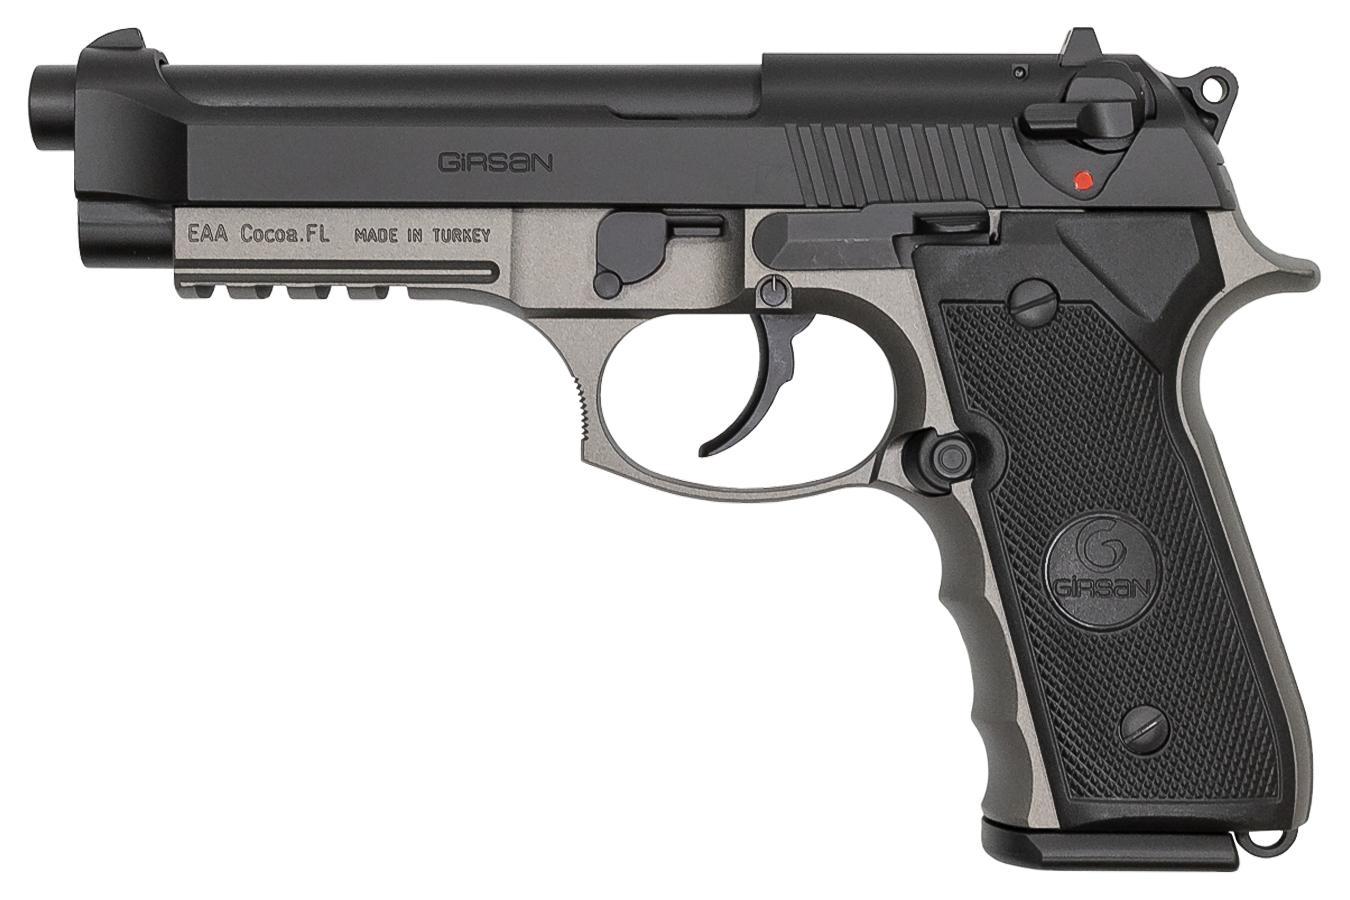 Regard MC 9mm Semi-Auto Pistol with Two Tone Finish